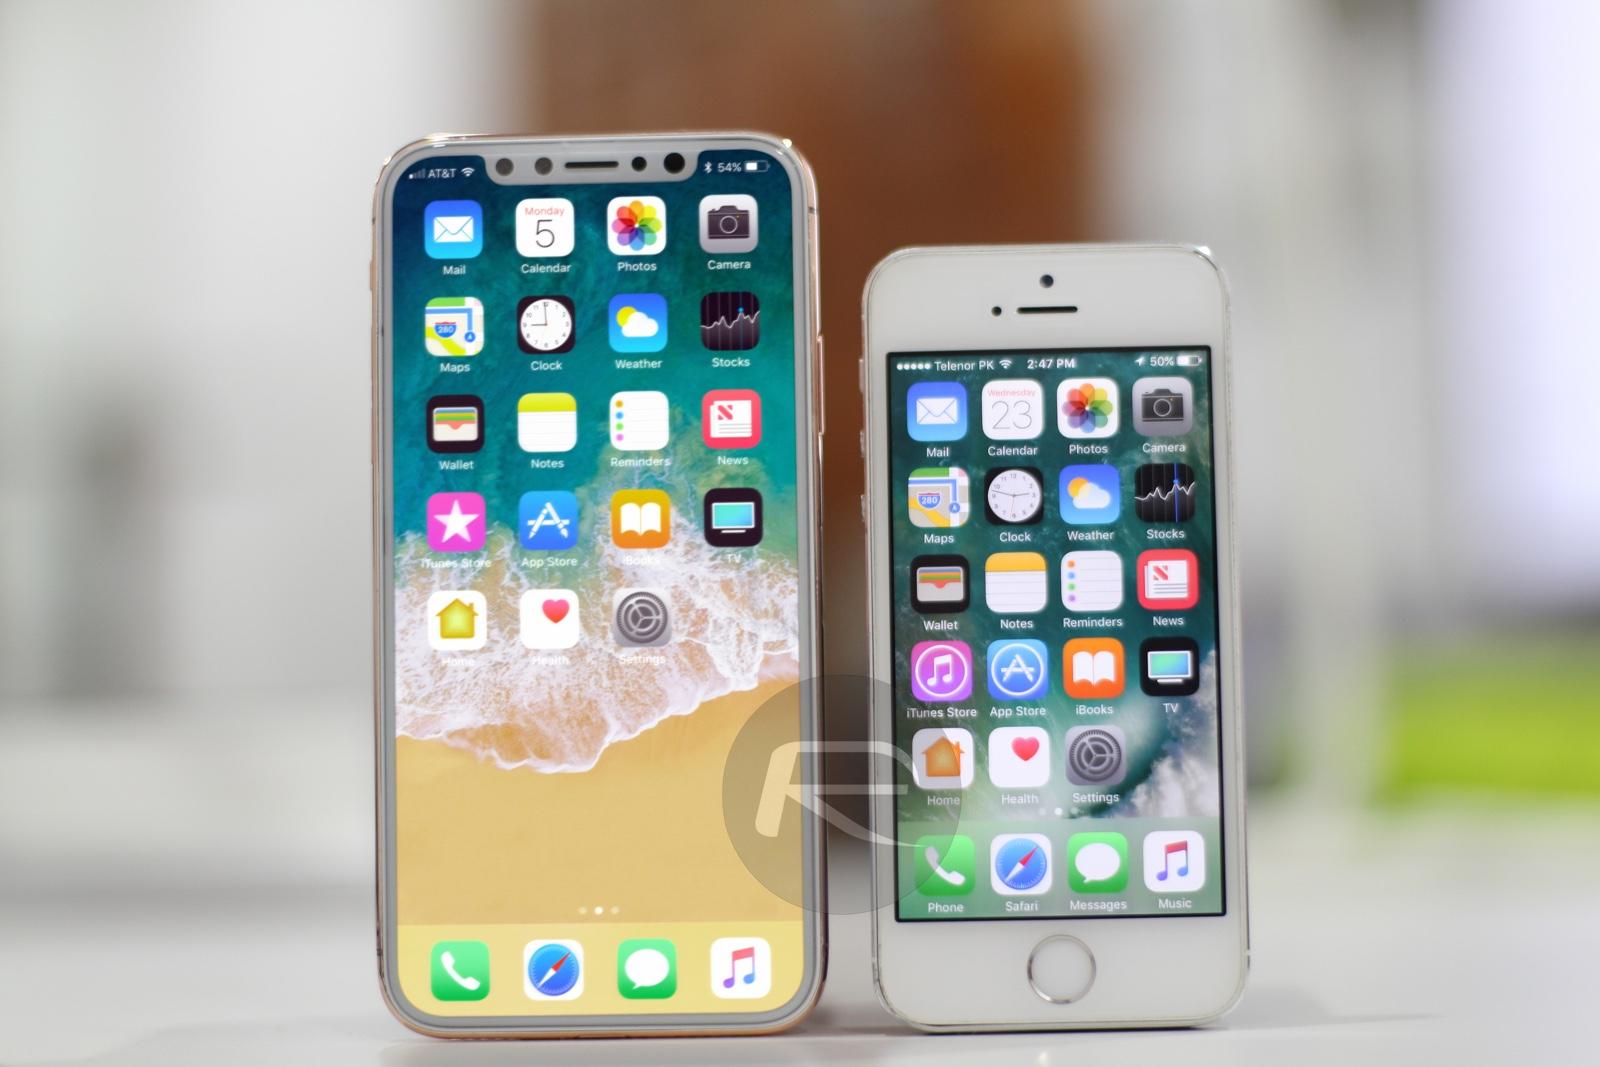 Đây là bộ ảnh sẽ cho bạn thấy tường tận iPhone 8 đẹp tới mức nào - Ảnh 5.